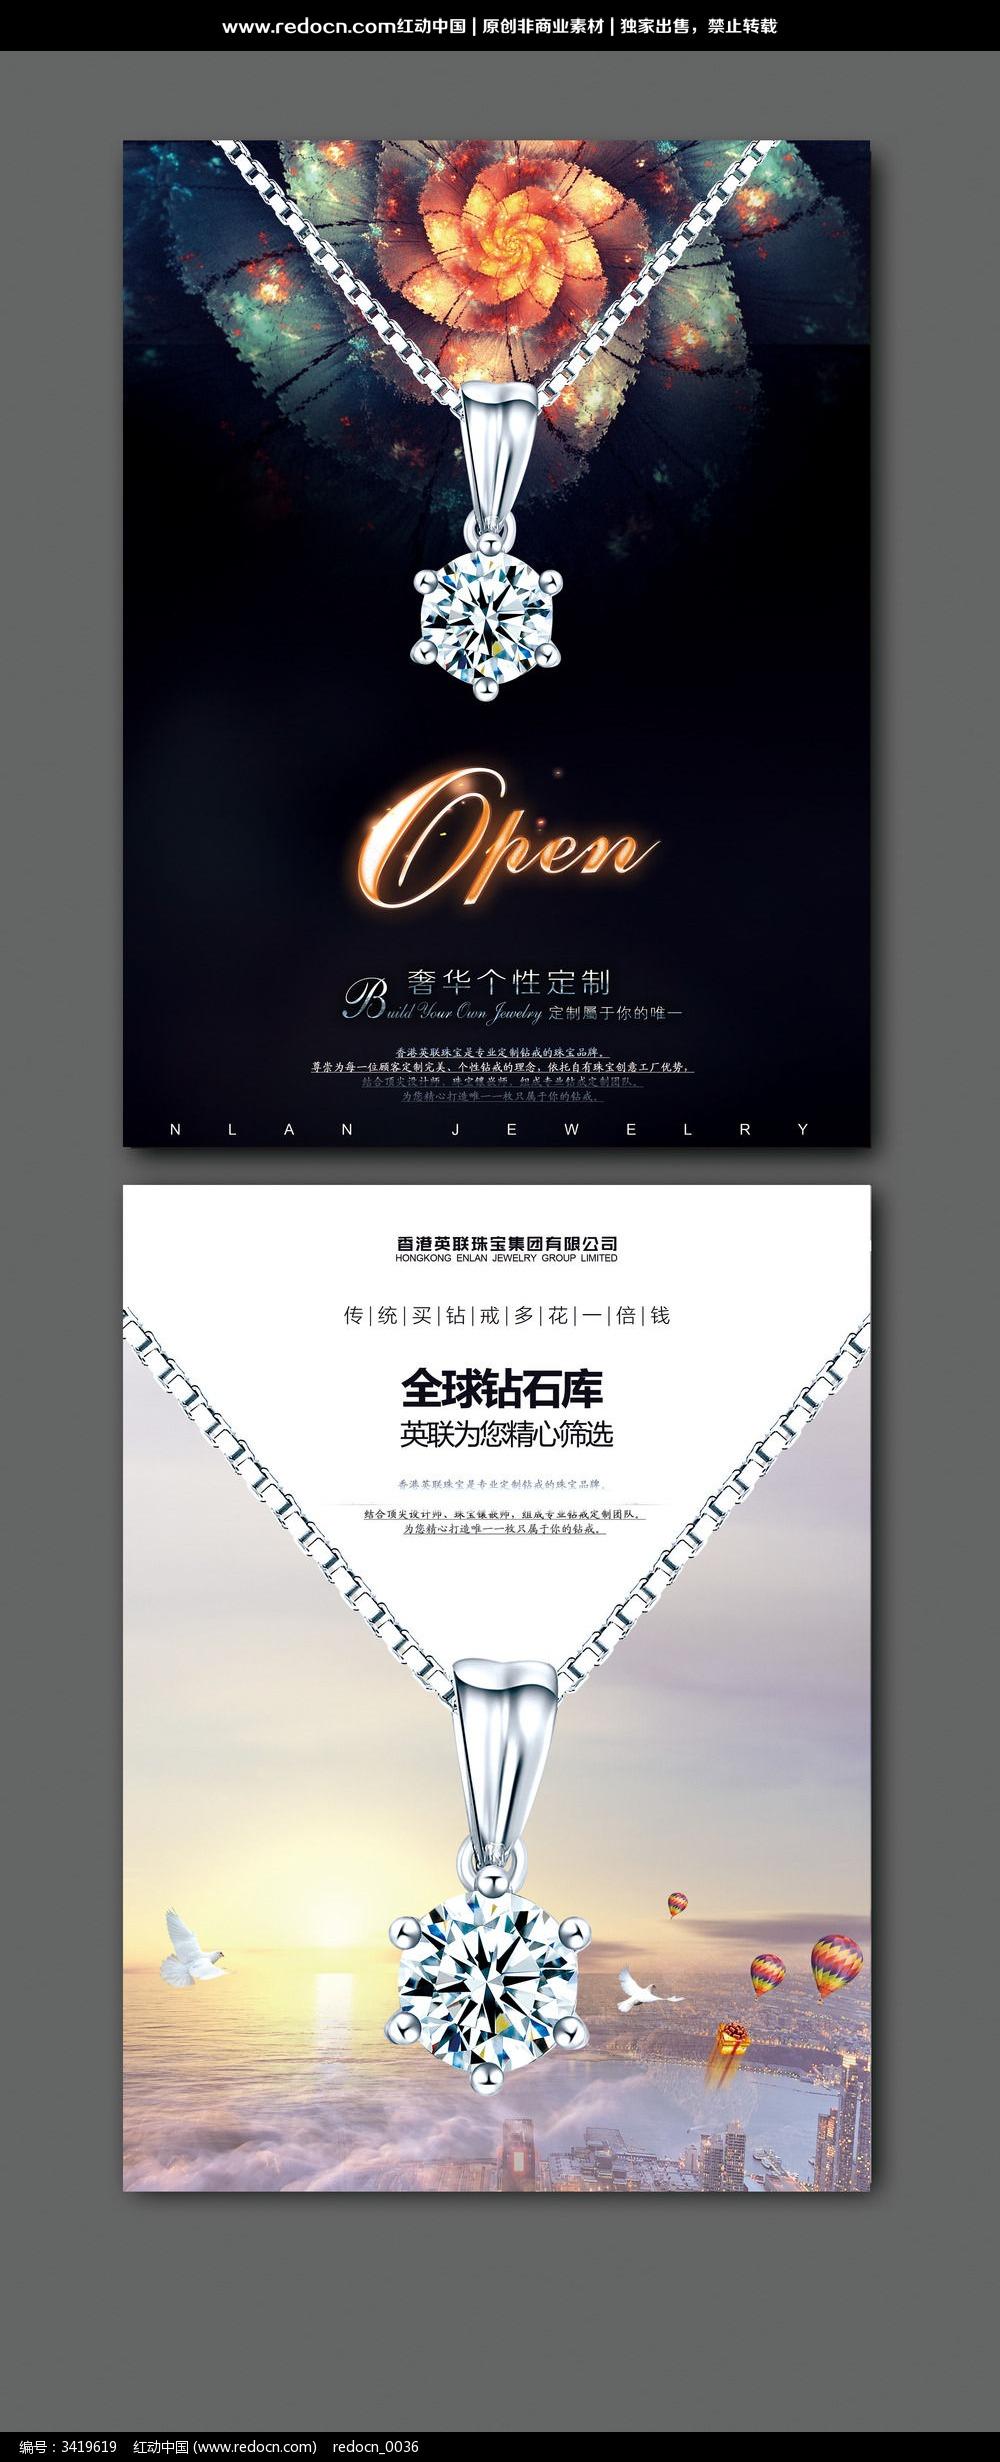 钻石宣传单 钻石海报  金店广告 金店海报 金店宣传单 奢侈品 珠宝图片